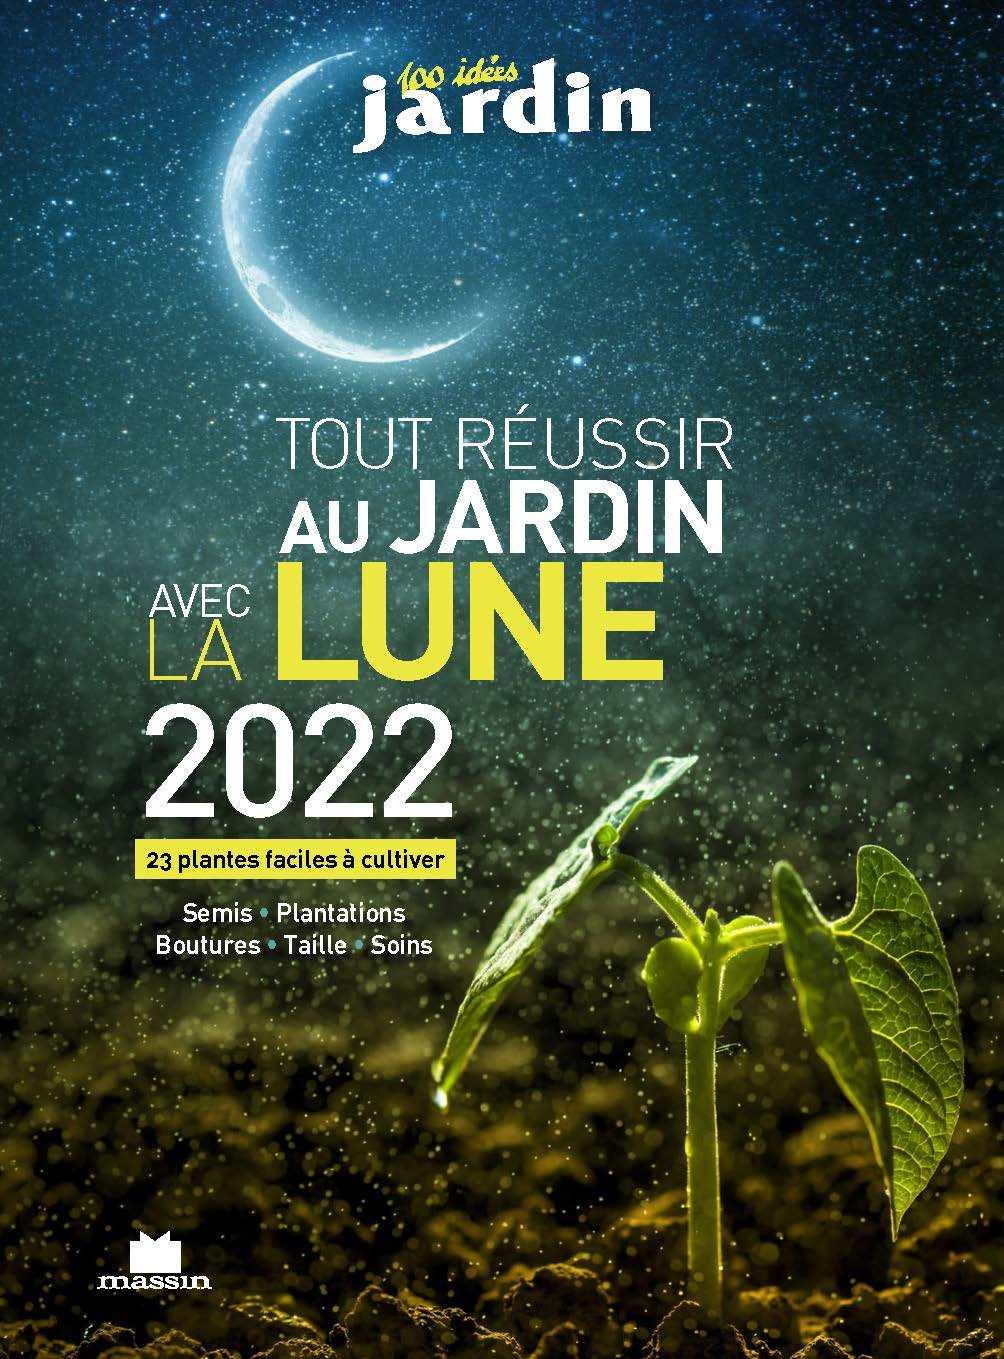 TOUT REUSSIR AU JARDIN AVEC LA LUNE 2022 - 23 PLANTES FACILES A CULTIVER